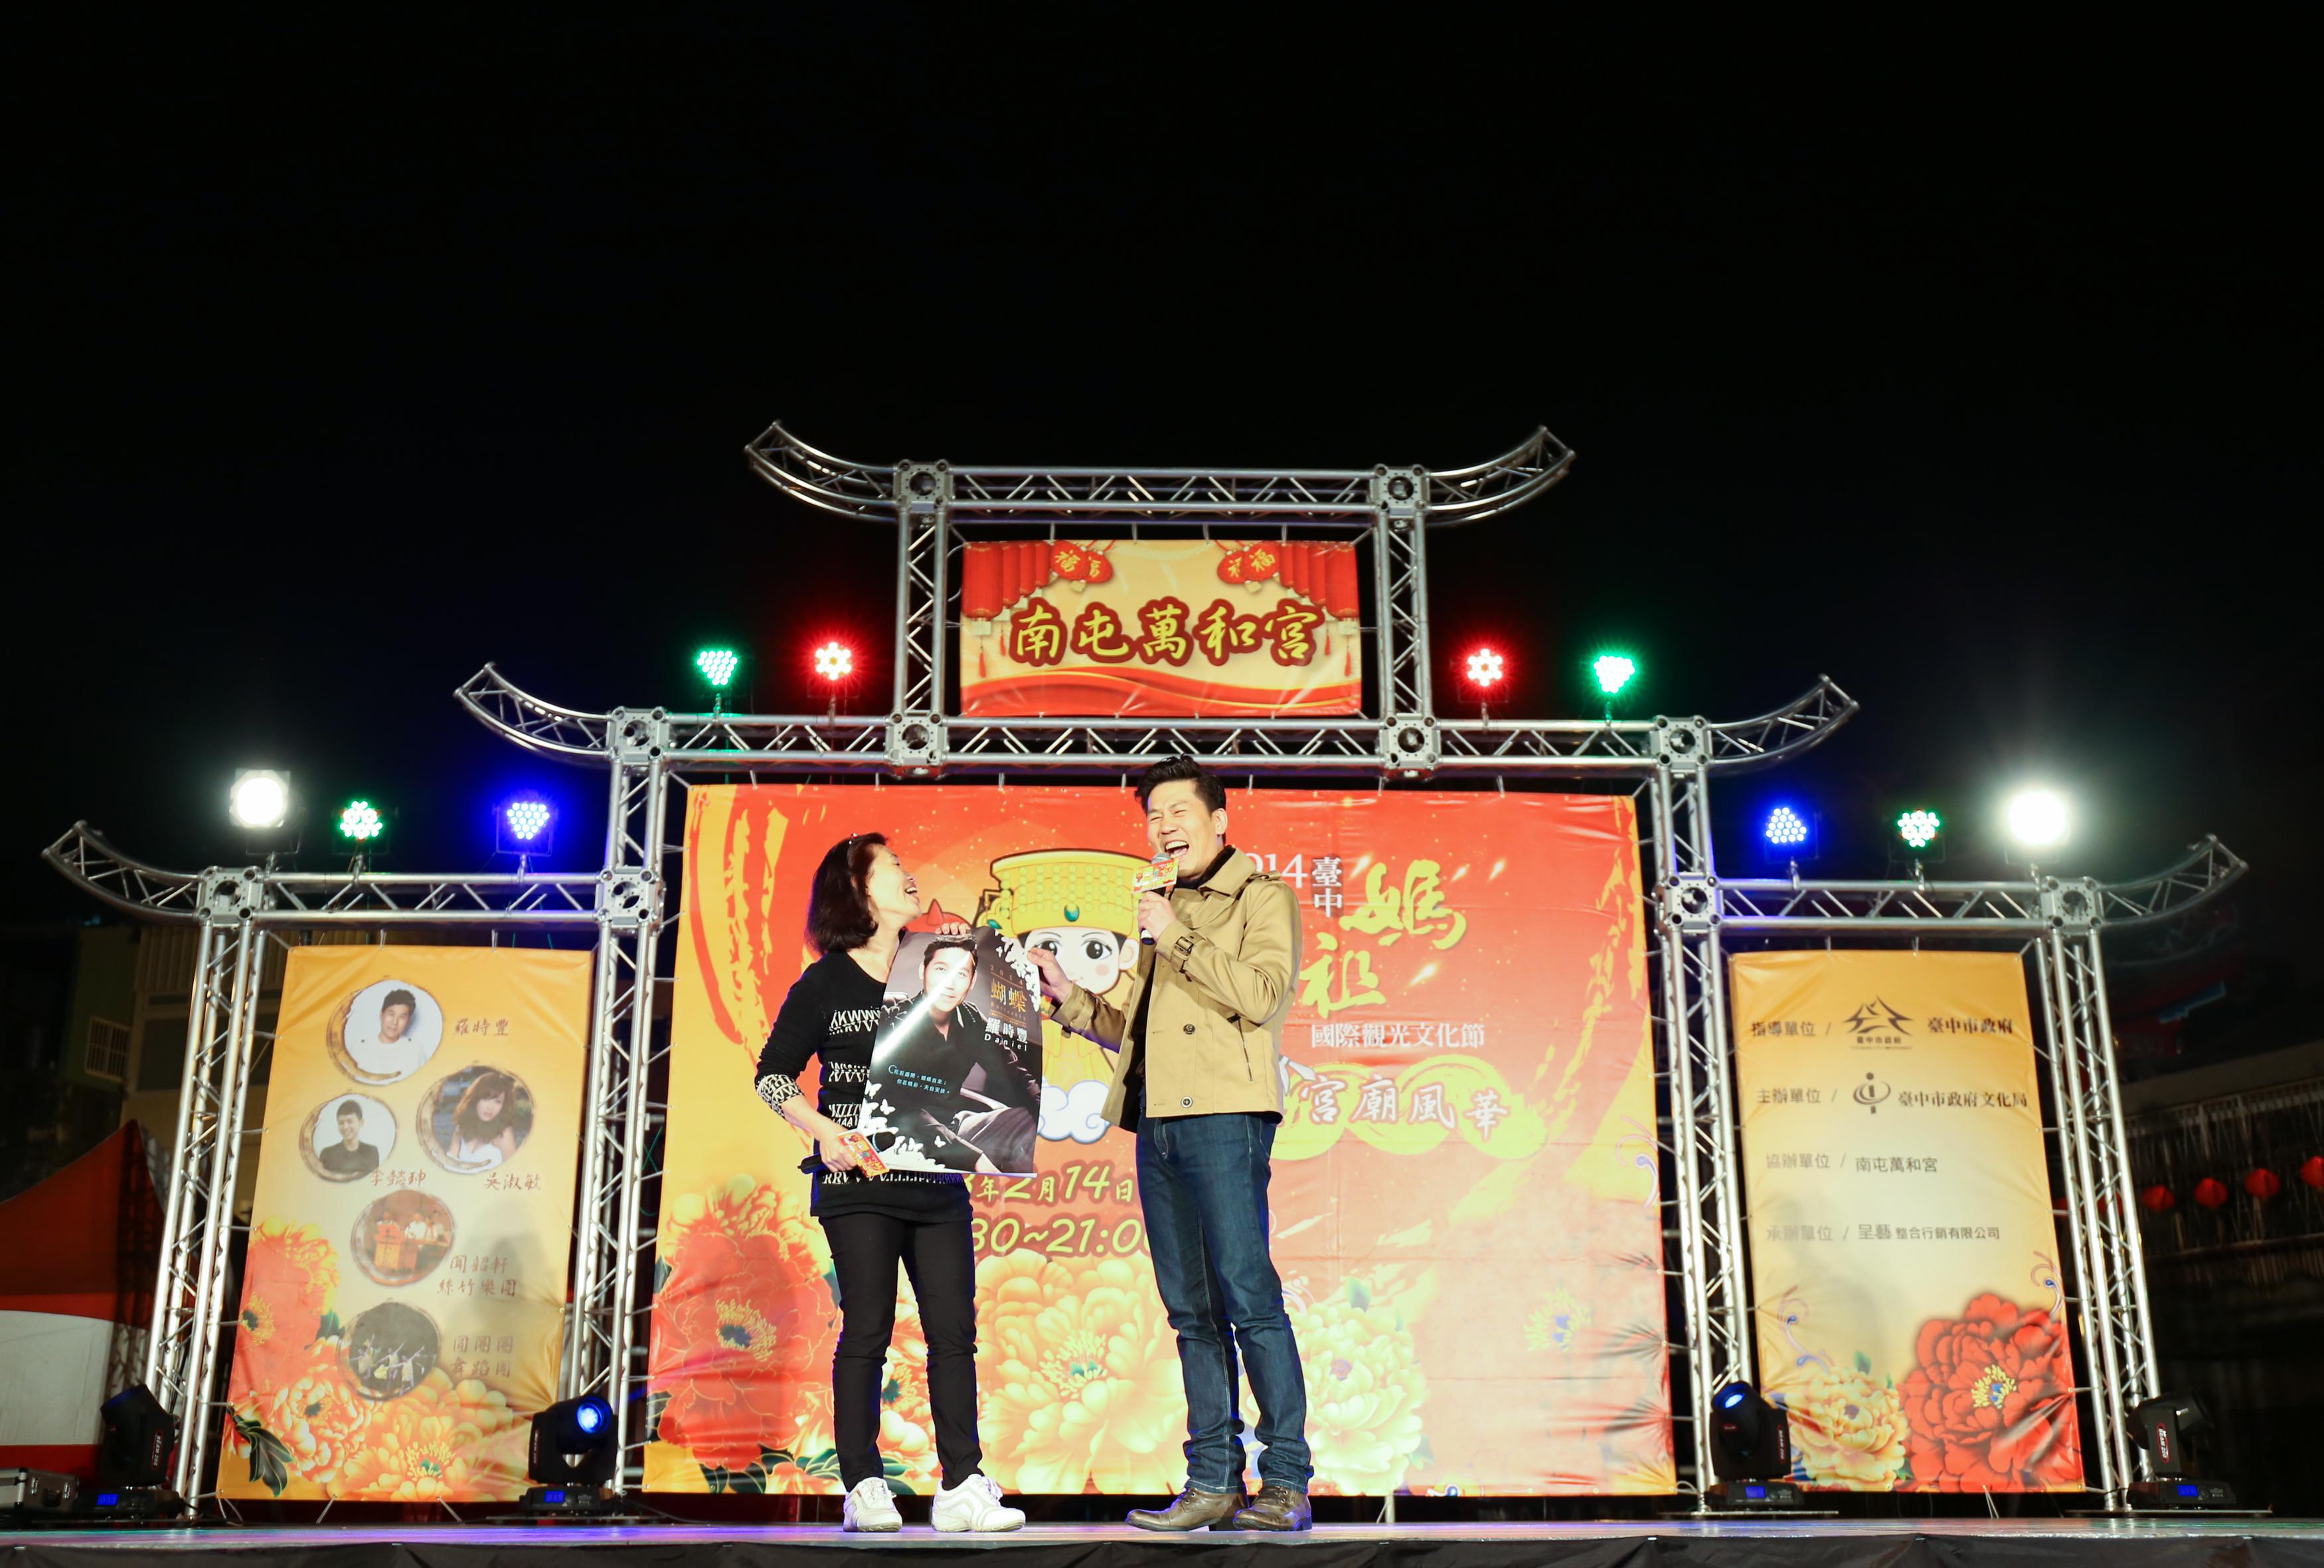 台中媽祖國際觀光文化節在萬和宮,台中婚錄推薦21